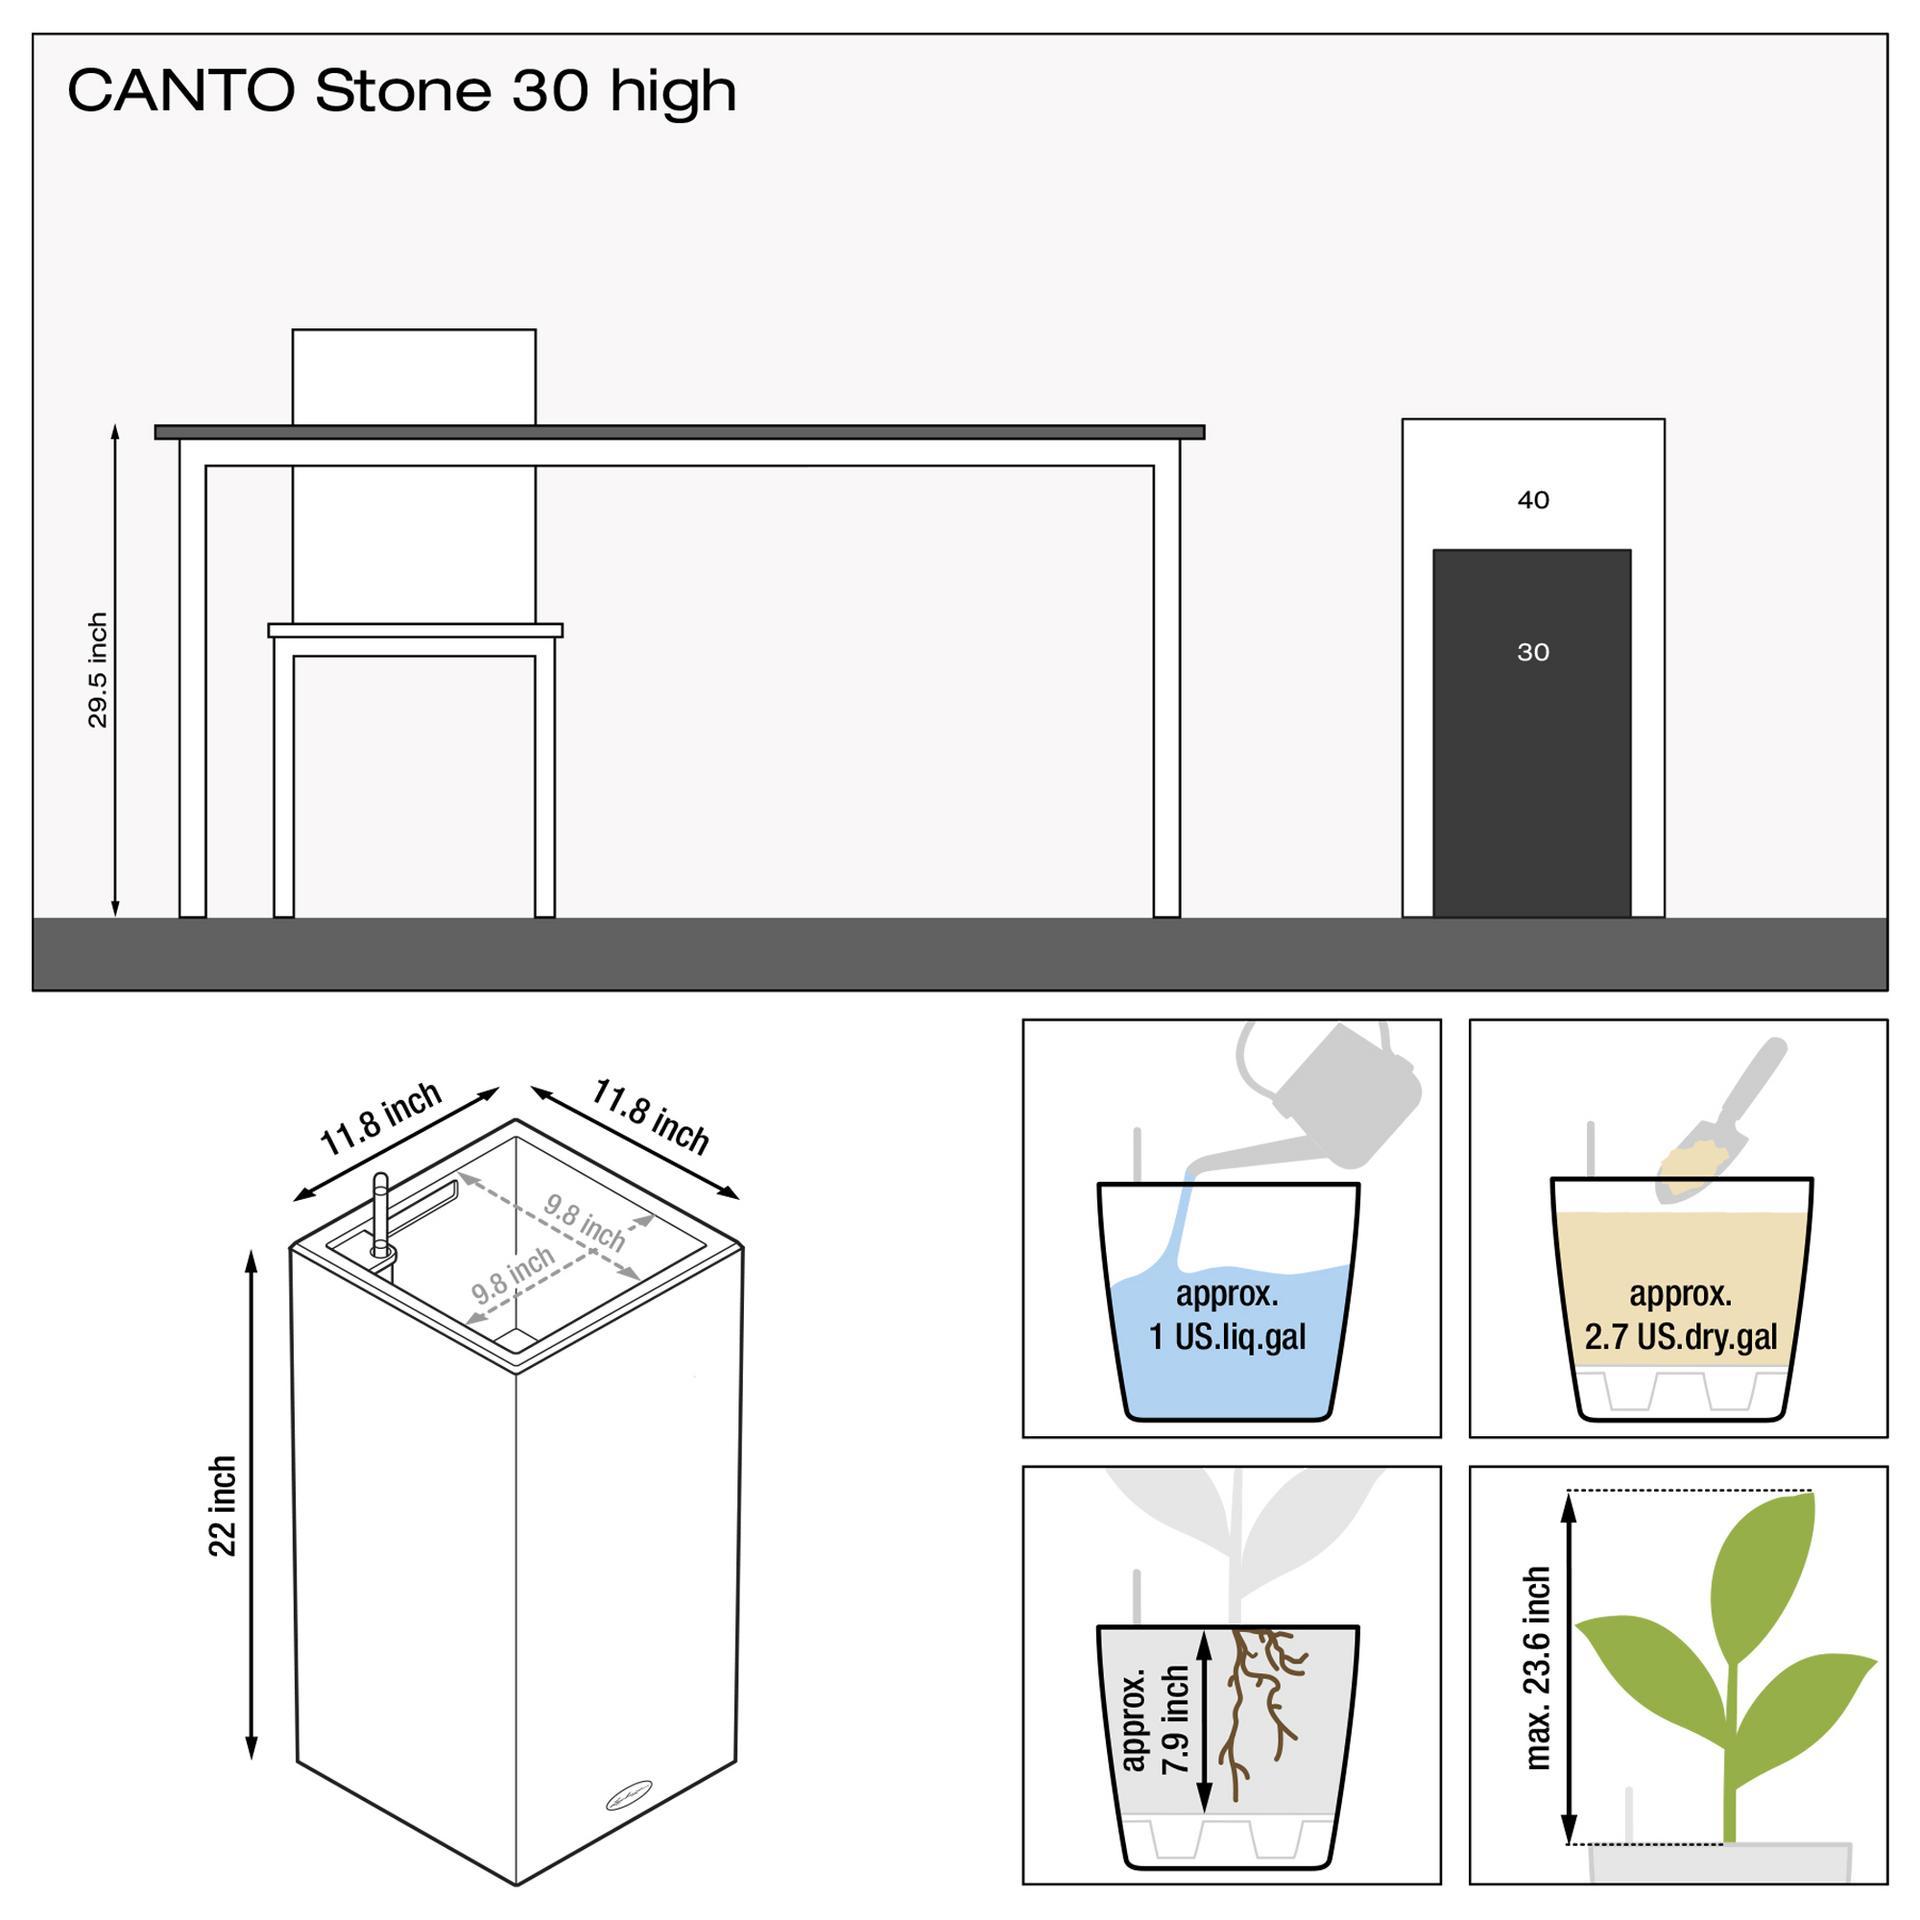 le_canto-stone-saeule30_product_addi_nz_us